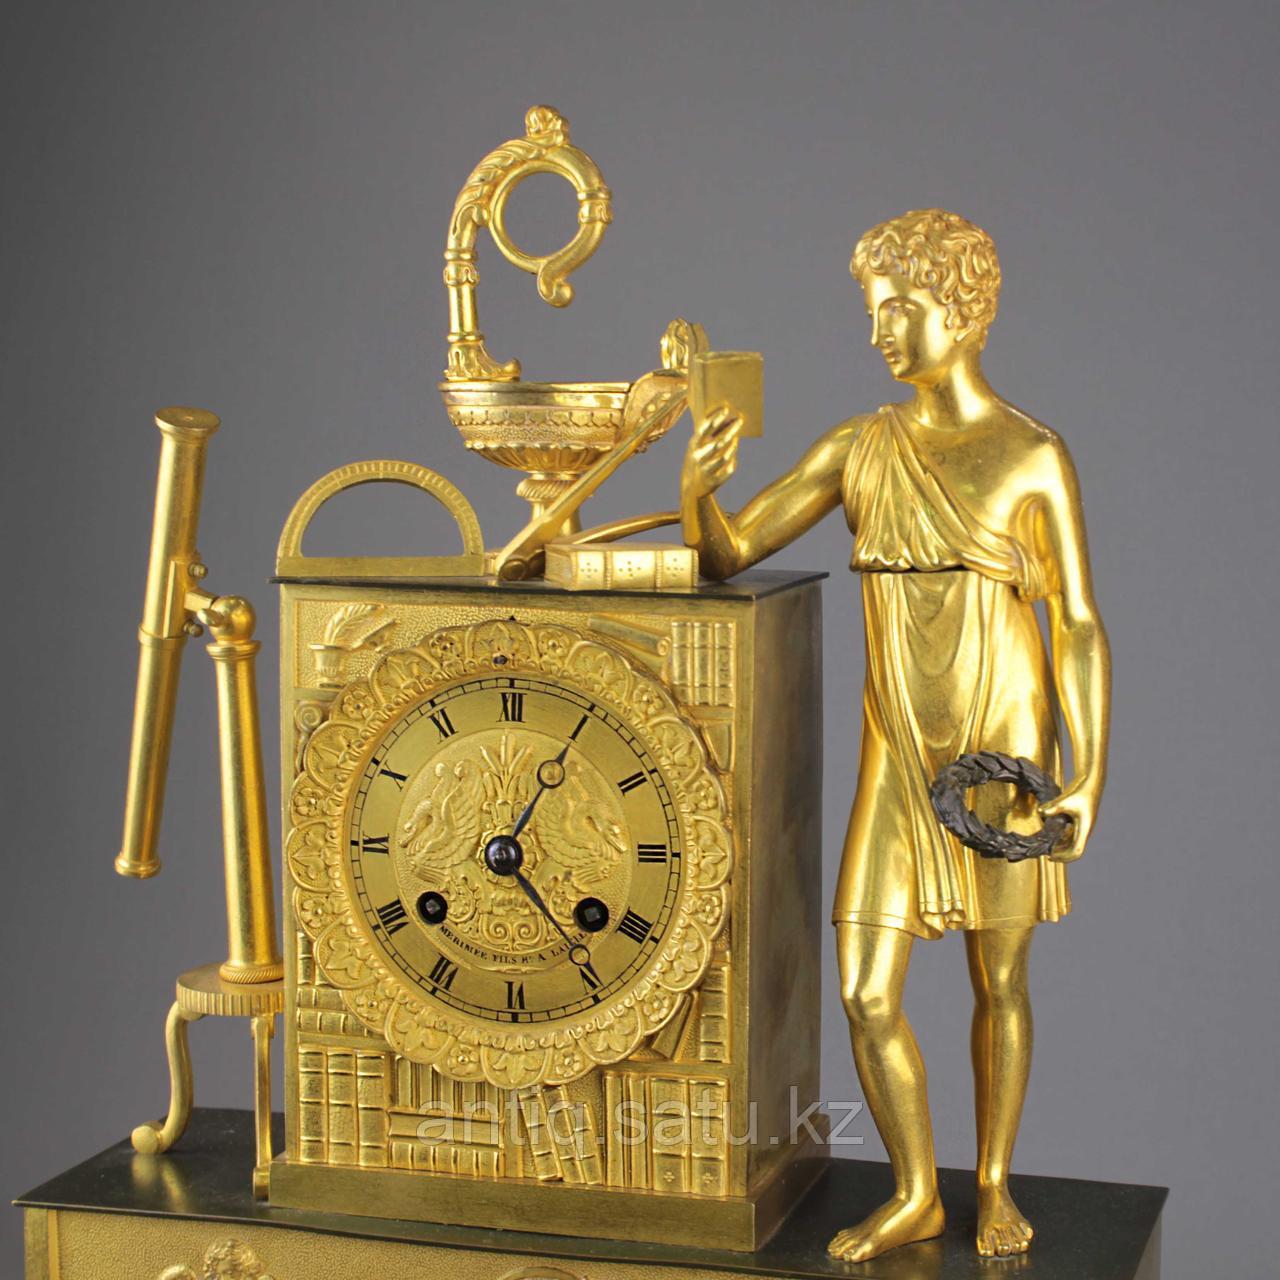 «Аллегория науки» Кабинетные эпохи Ампир. Франция. I половина XIX века - фото 4